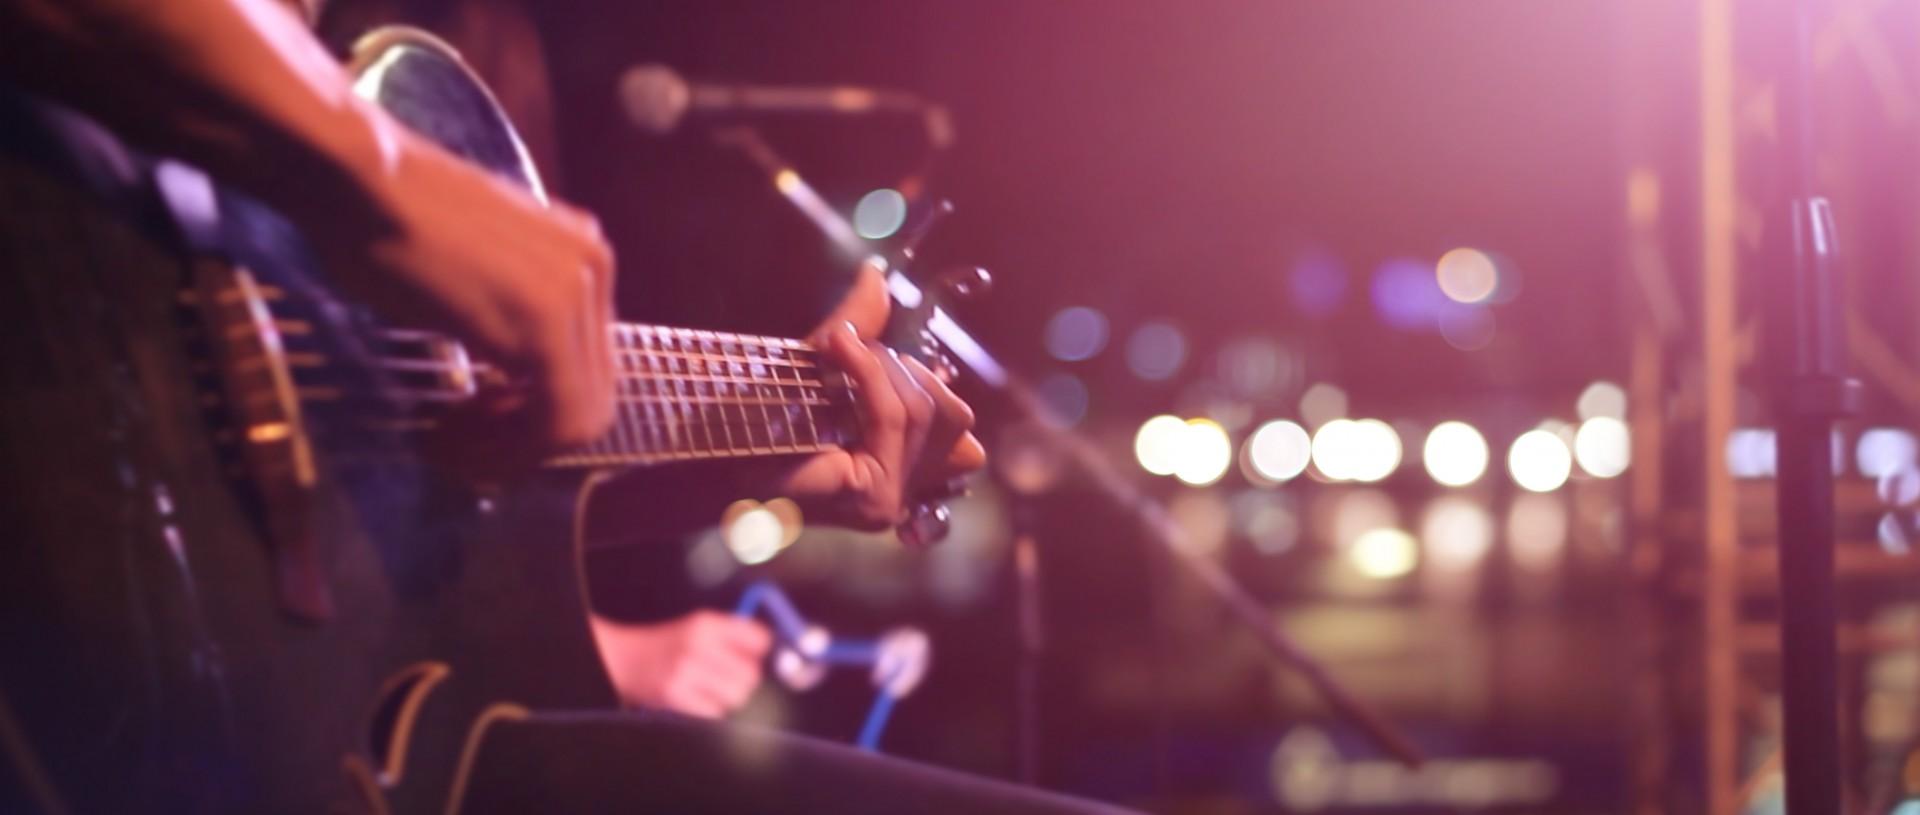 Music Video - 1